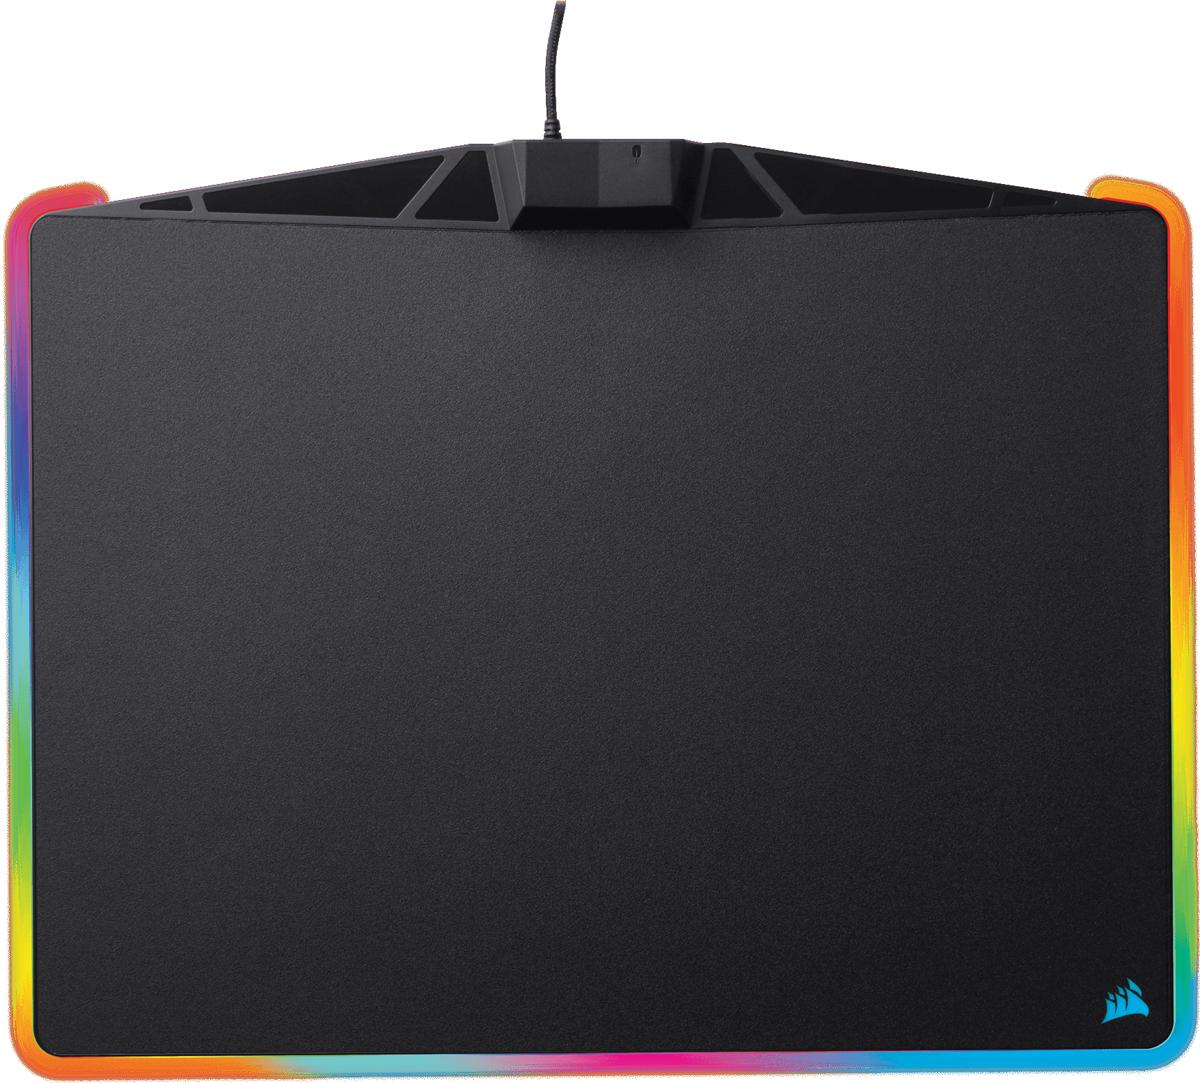 Corsair Gaming MM800 RGB Polaris игровой коврик для мышиCH-9440020-EUКоврик для мыши MM800 RGB Polaris создан на основе стандартов надежности, отслеживания и точности, существующих в компании Corsair, а также обеспечивает эффект погружения абсолютно нового уровня за счет светодиодной подсветки. Сочетание микротекстуры с низким уровнем трения и обширной площади поверхности (350 x 260 x 5 мм) обеспечивает отслеживание движений с точностью до пикселя независимо от стиля игры.15 индивидуальных зон RGB-подсветки с полноценным освещением PWM, которое обеспечивает максимально точную цветопередачу. Синхронизируйте освещение каждой зоны с другими продуктами Corsair с RGB-подсветкой с помощью программного обеспечения CUE для создания безупречного внешнего вида игровой системы.Широтно-импульсная модуляция обеспечивает максимально точную цветопередачу. Коврик Corsair MM800 RGB Polaris оснащен встроенным сквозным портом USB для мыши, что позволяет оставить свободным для других устройств USB-порт системы. Микротекстура поверхности с низким уровнем трения обеспечивает быстрое отслеживание с точностью до пикселя и подходит как для оптических мышей, так и для мышей с лазерным сенсором.Обширное пространство для беспощадных атак и нескользящее резиновое основание для надежной фиксации коврика MM800 на месте. Подчеркните стиль своего «боевого поста» с помощью уникальных профилей подсветки для коврика MM800, настраиваемых с помощью программного обеспечения CUE. Синхронизируйте все свои игровые устройства CORSAIR с RGB-подсветкой, воспользовавшись режимом Lighting Link в приложении CUE.Совместимость: ПК со свободным портом USB 2.0/3.0. Windows 7, Windows 8, Windows 10. Для загрузки программного обеспечения Corsair Utility Engine (CUE) требуется интернет-соединение. ПРИМЕЧАНИЕ. Подключение устройств высокой мощности к сквозному порту USB 2.0 может не поддерживаться.